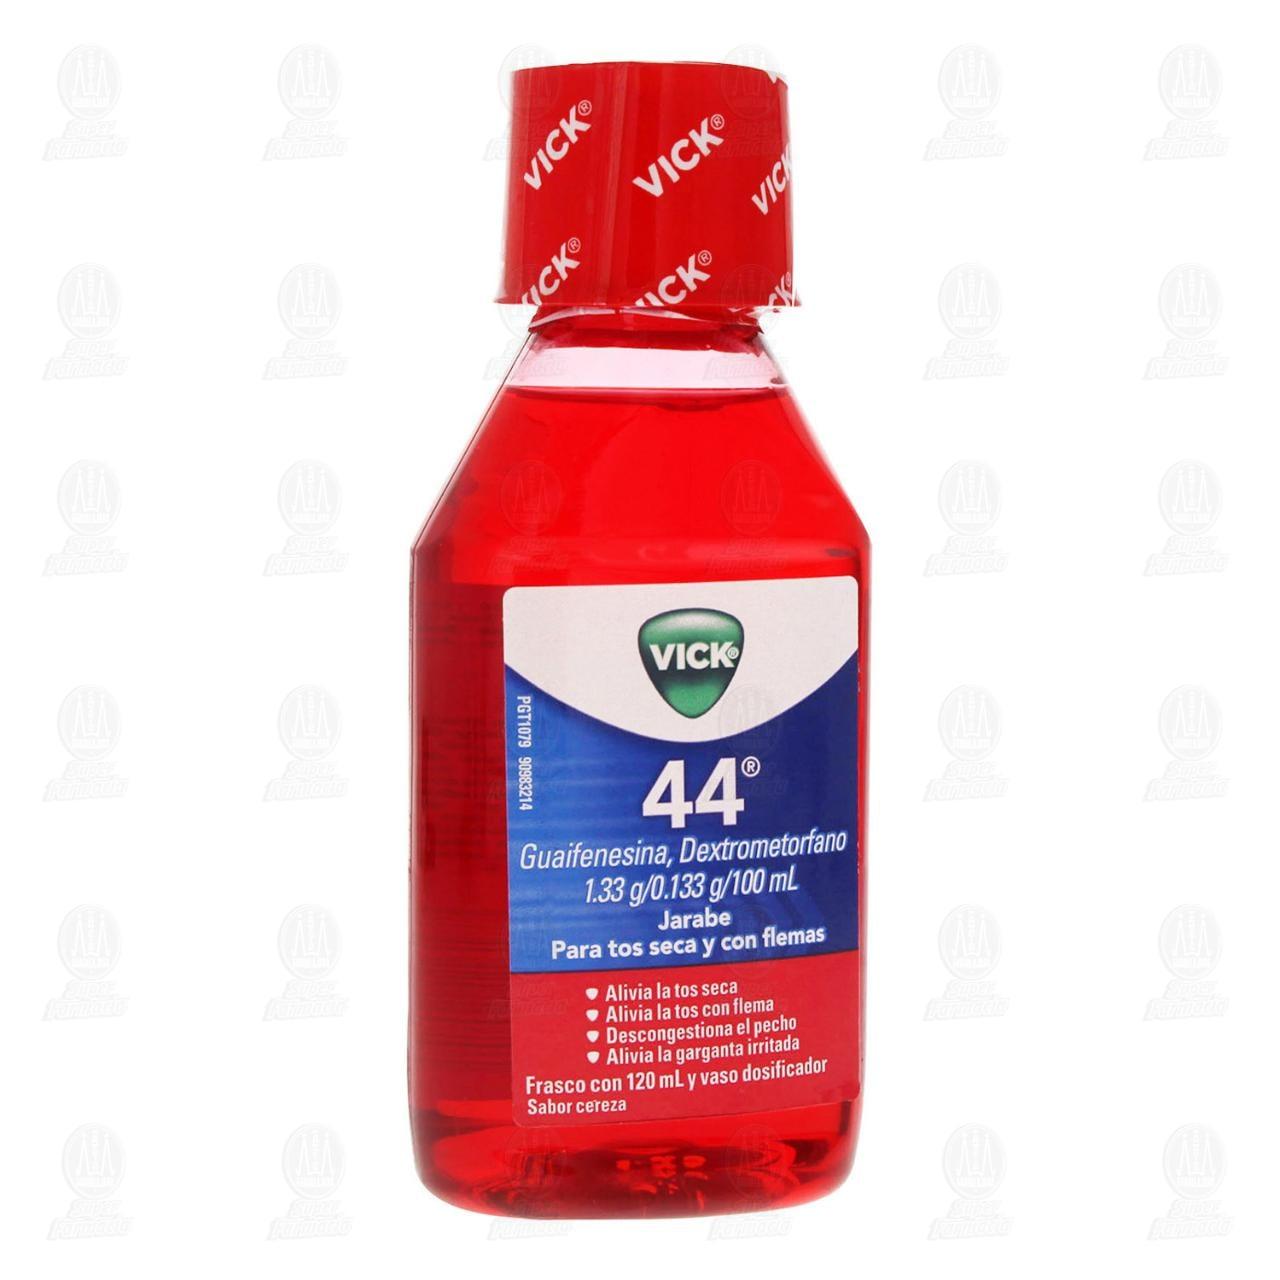 Comprar Jarabe Vick 44 Sabor Cereza 120ml en Farmacias Guadalajara